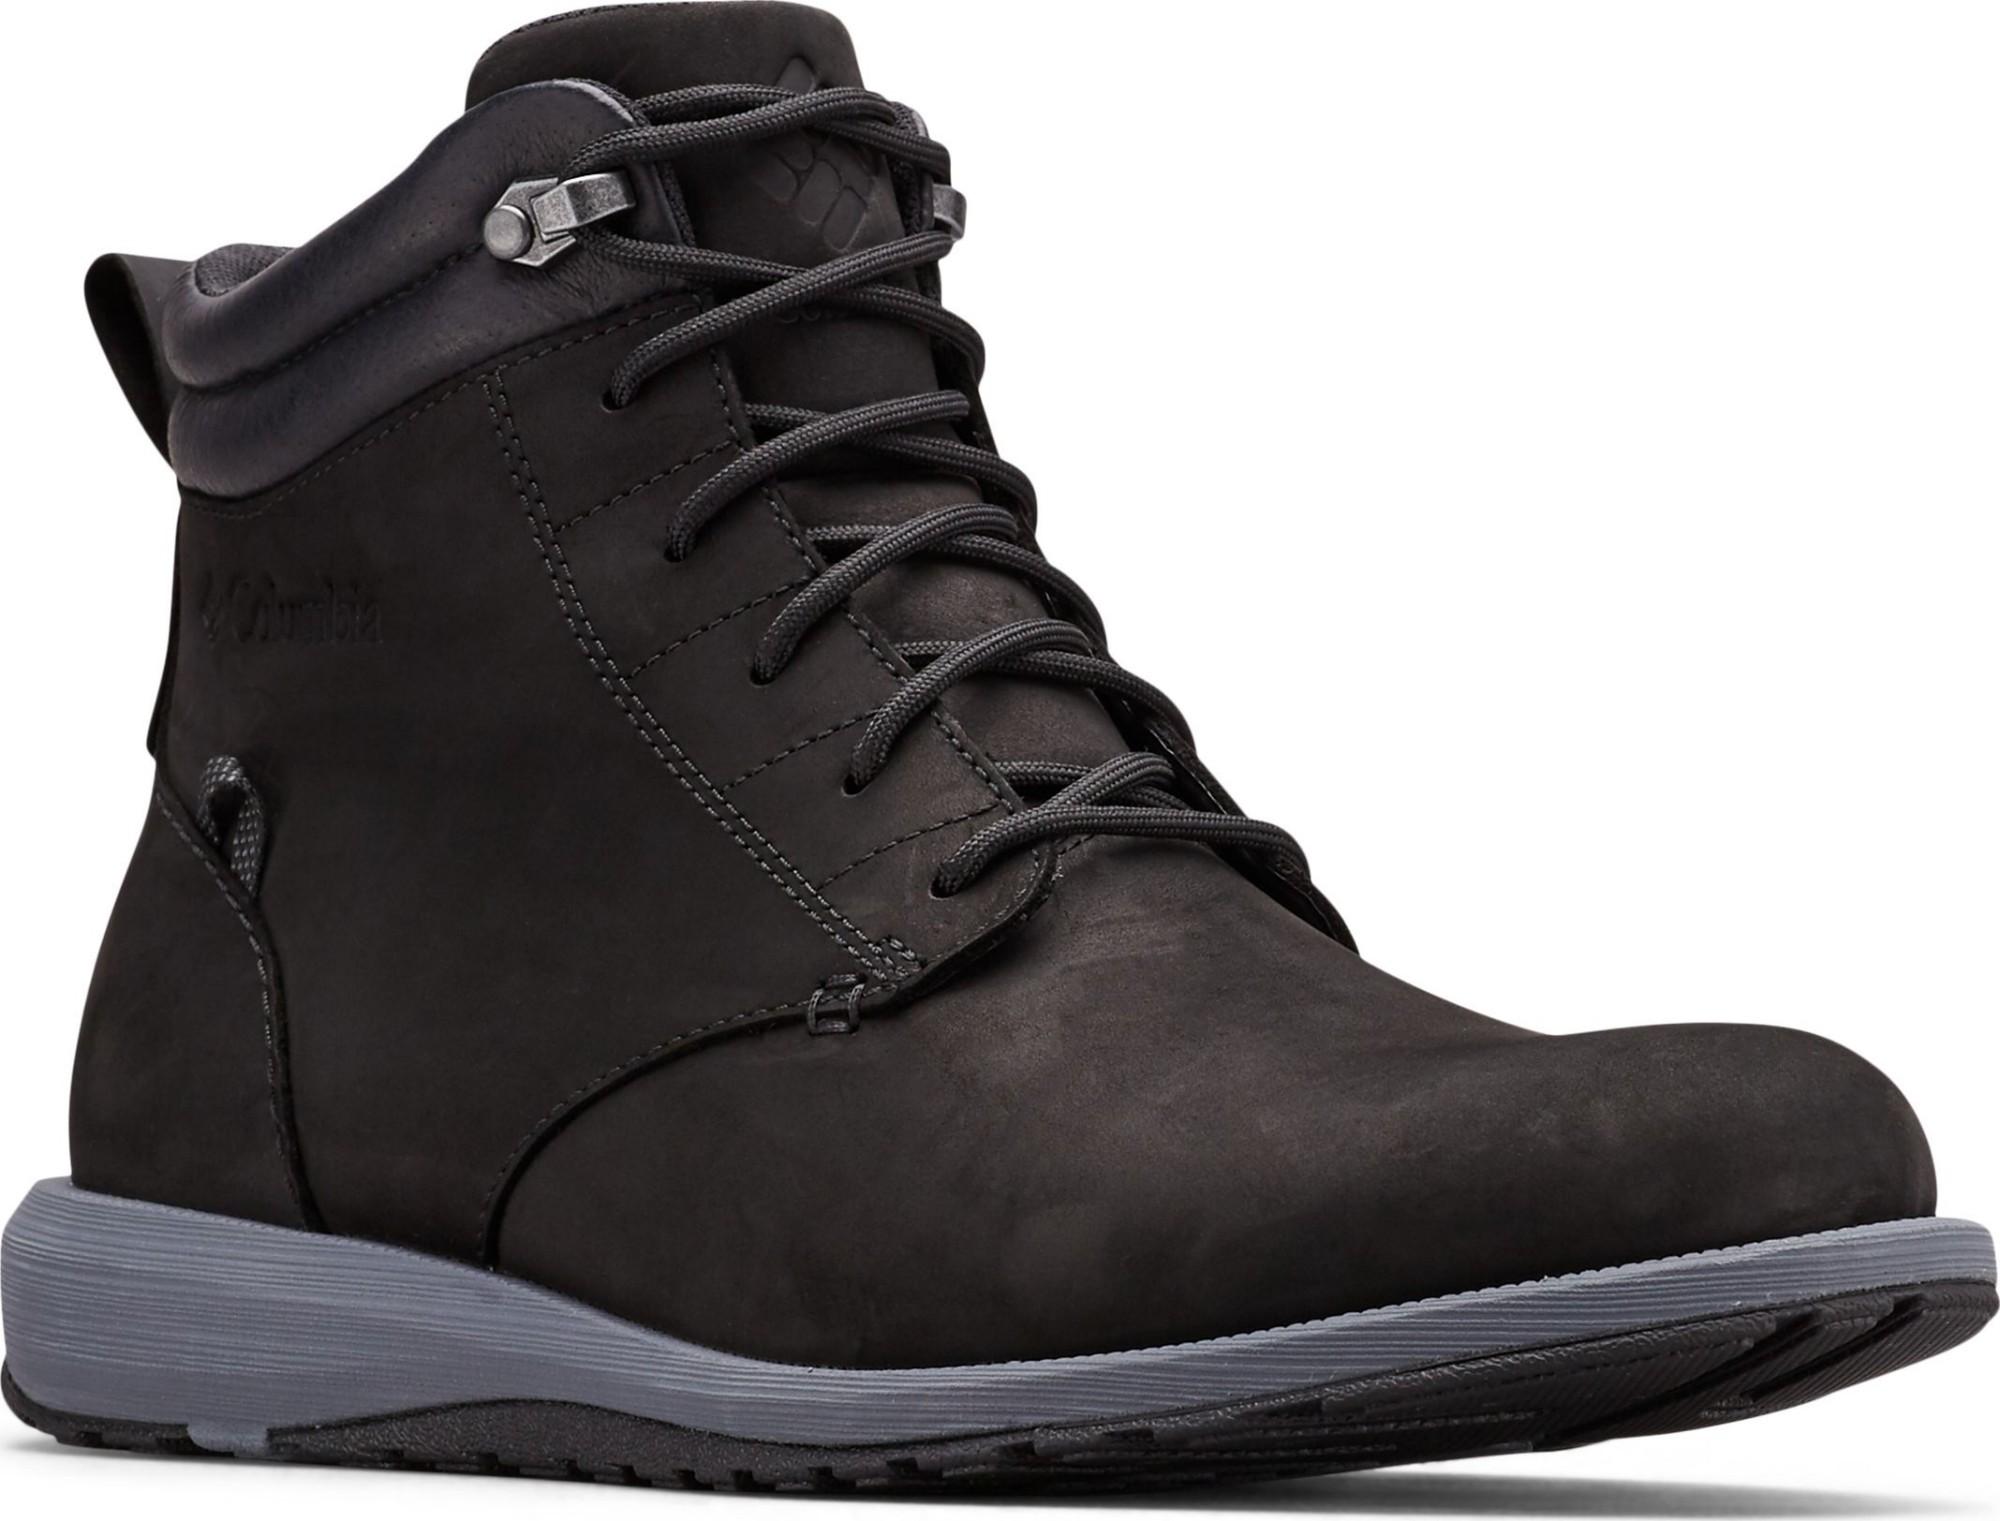 Columbia Grixsen Boot Waterproof Black/Graphite 31